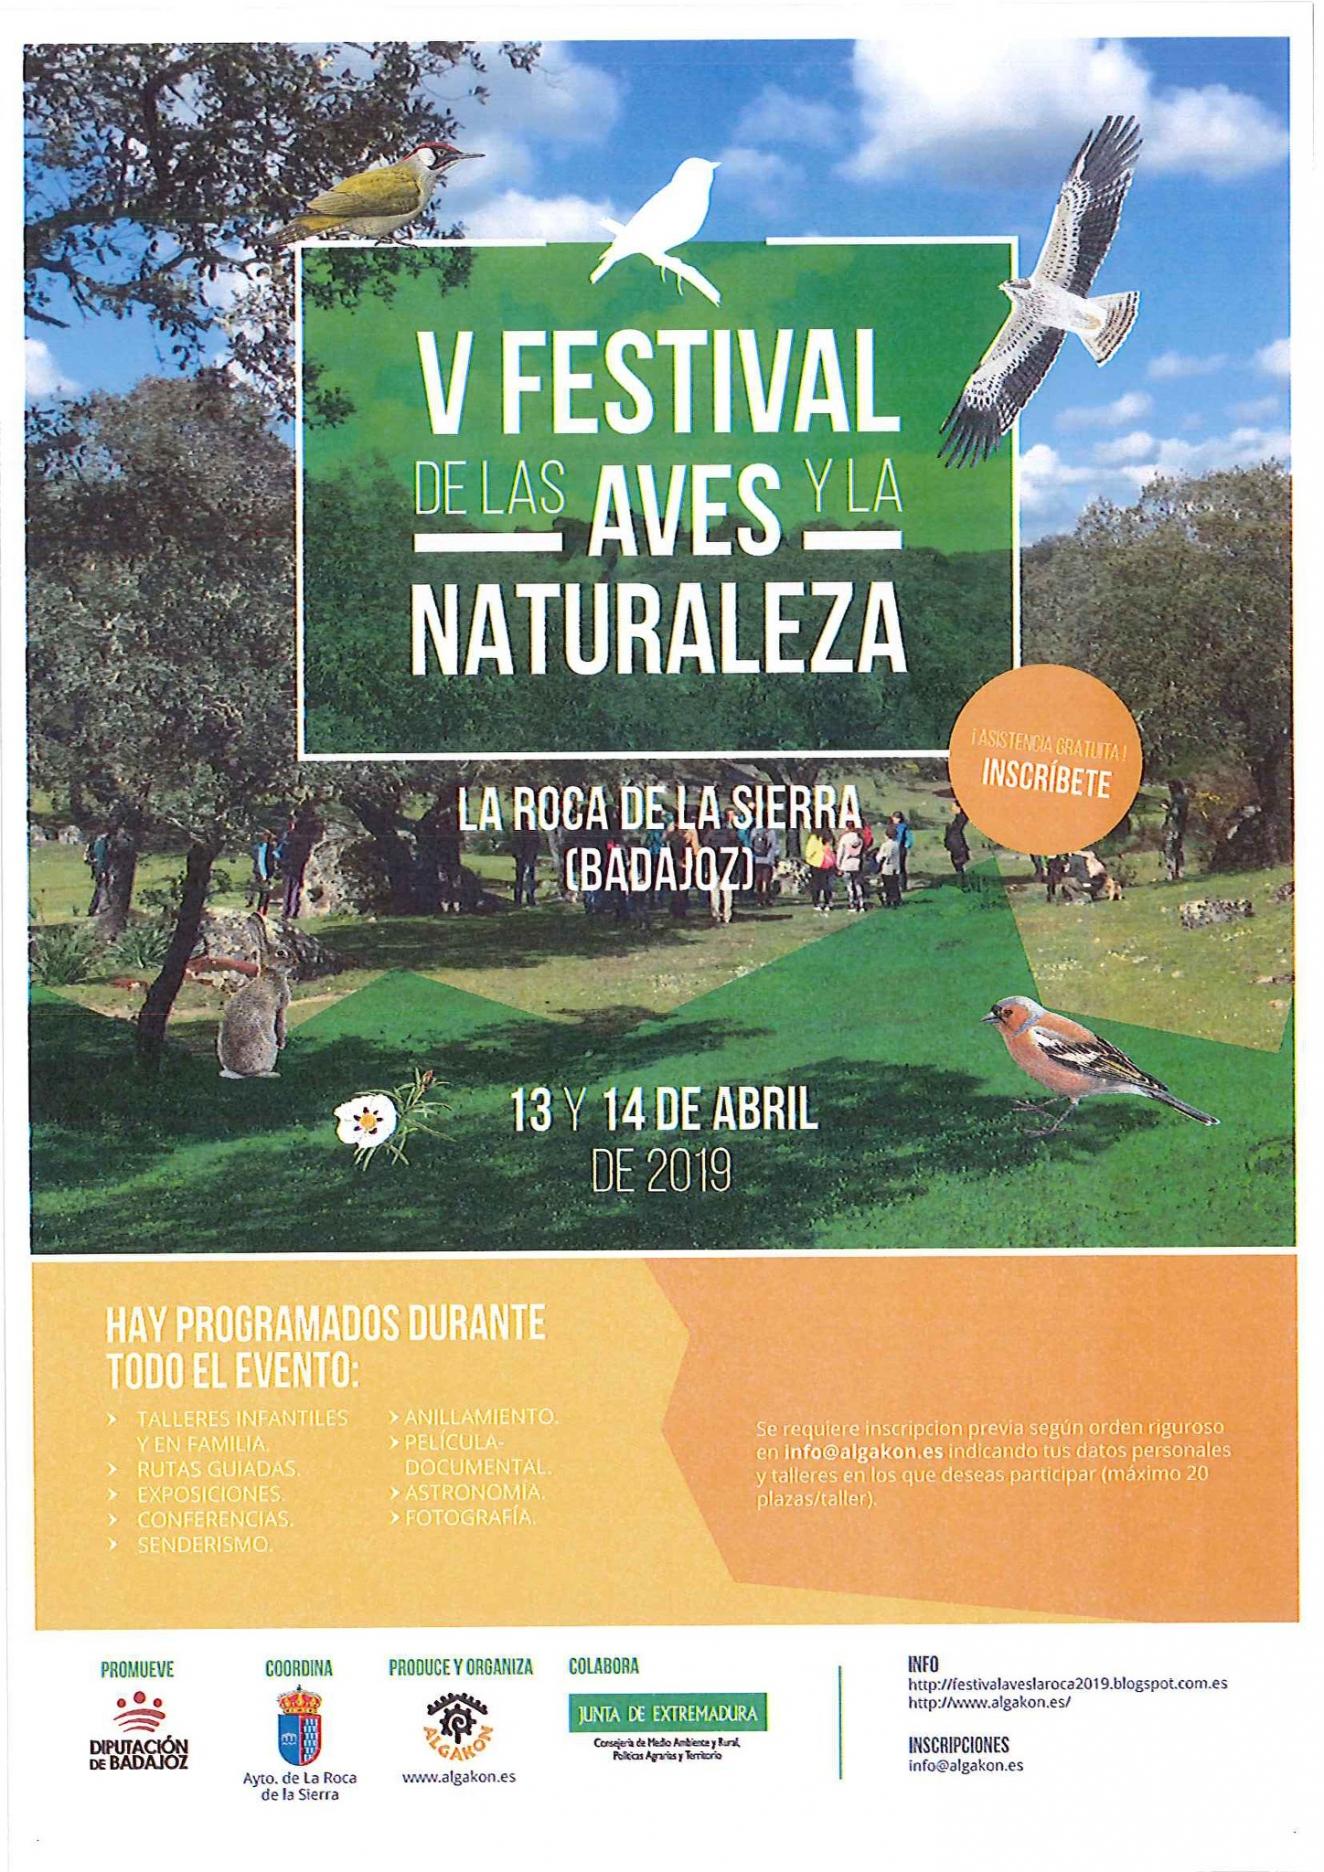 5º Festival de las Aves y la Naturaleza | La Roca de la Sierra